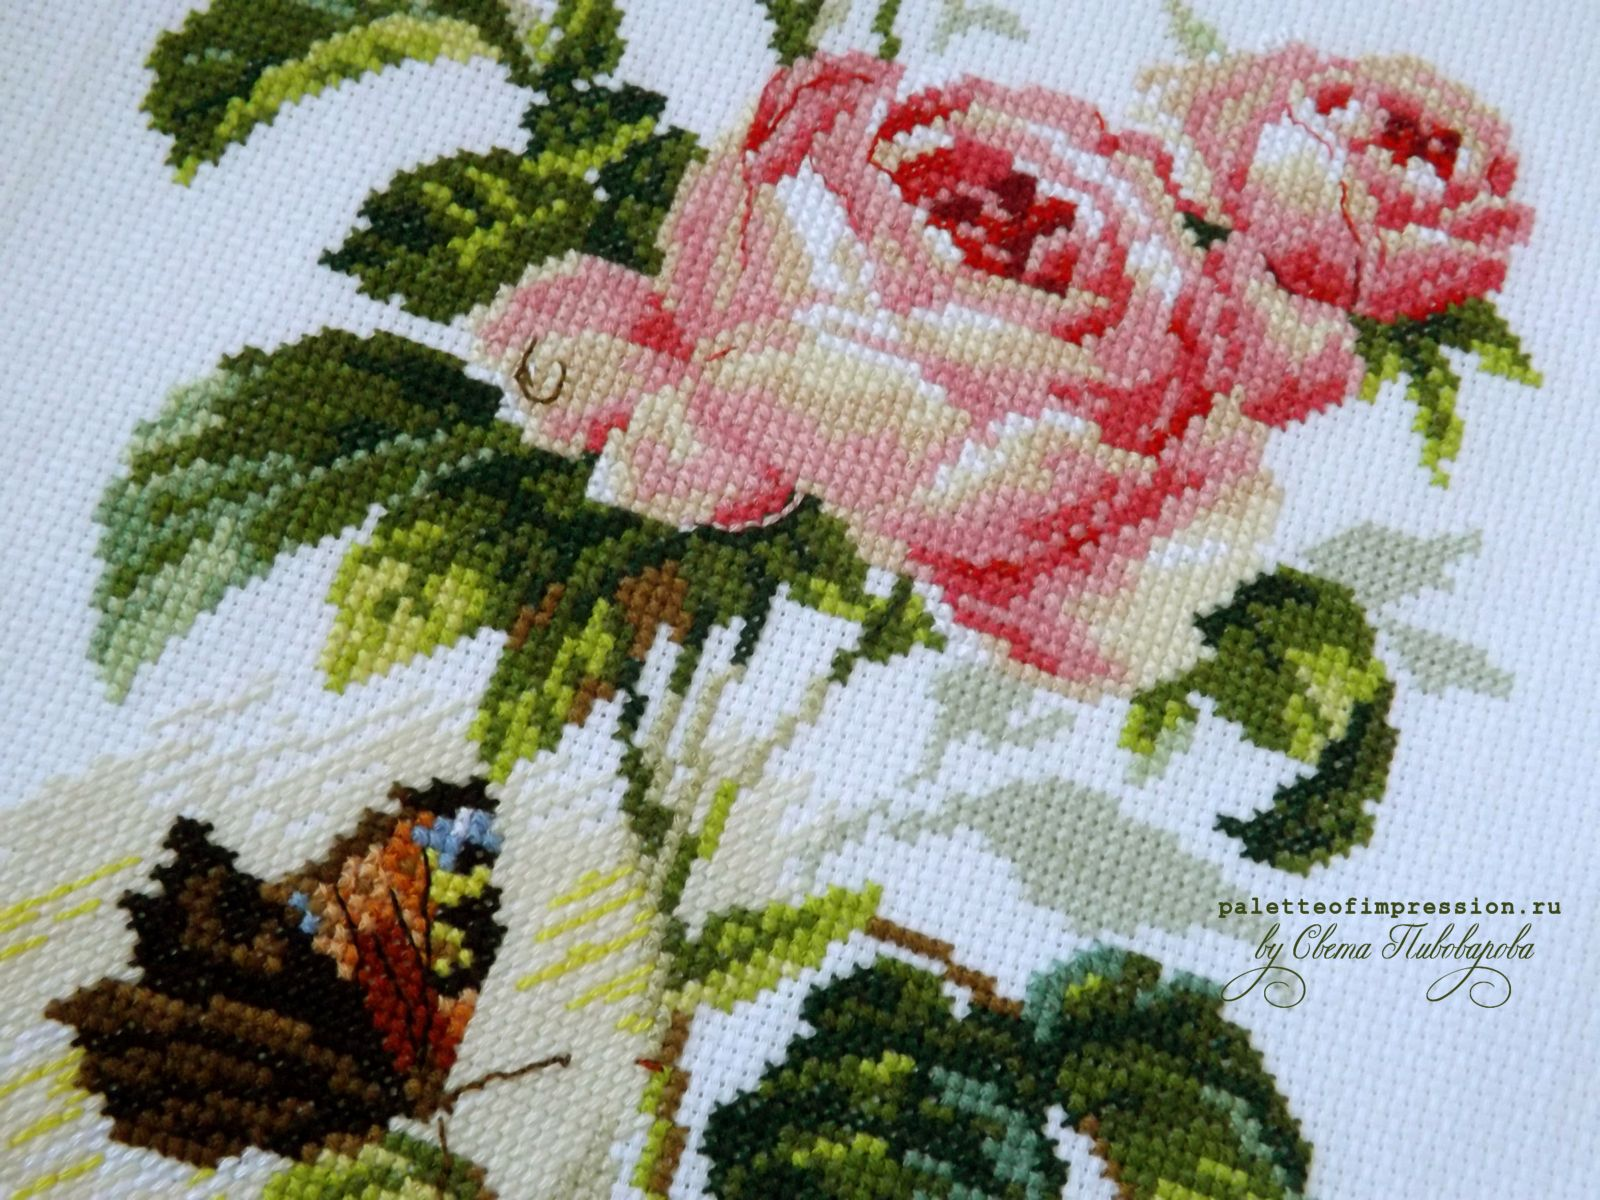 """Роза и бабочка от """"Алисы"""". Вышивка крестом. Полукрест, крест, бэкстич."""